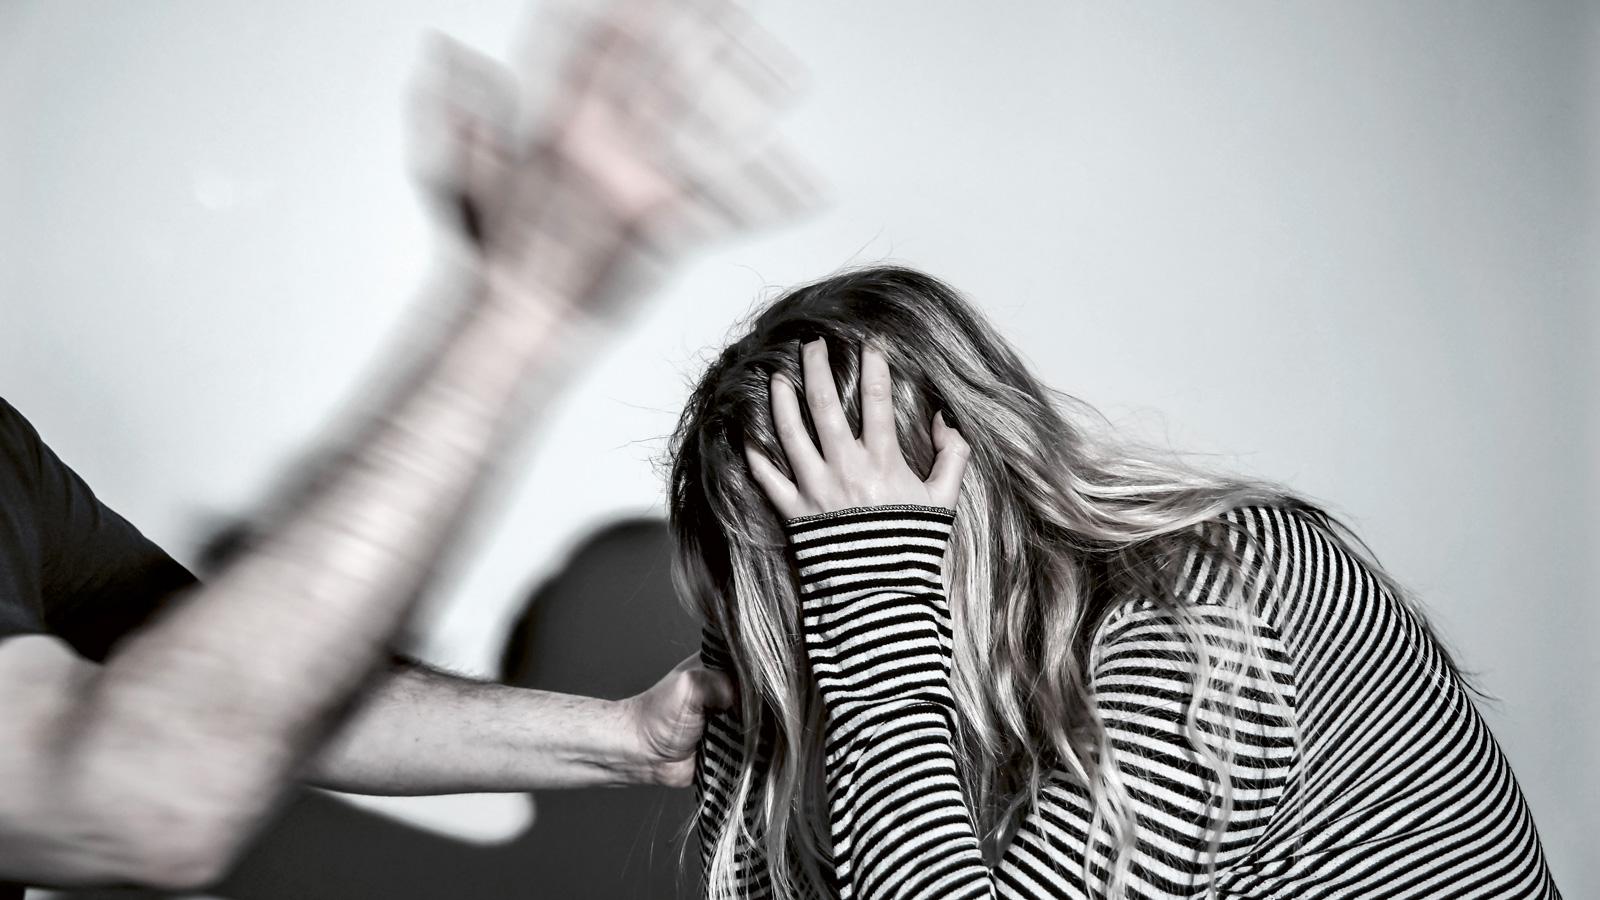 dejta en kvinna som blivit fysiskt misshandlad Sikeston Mo dating